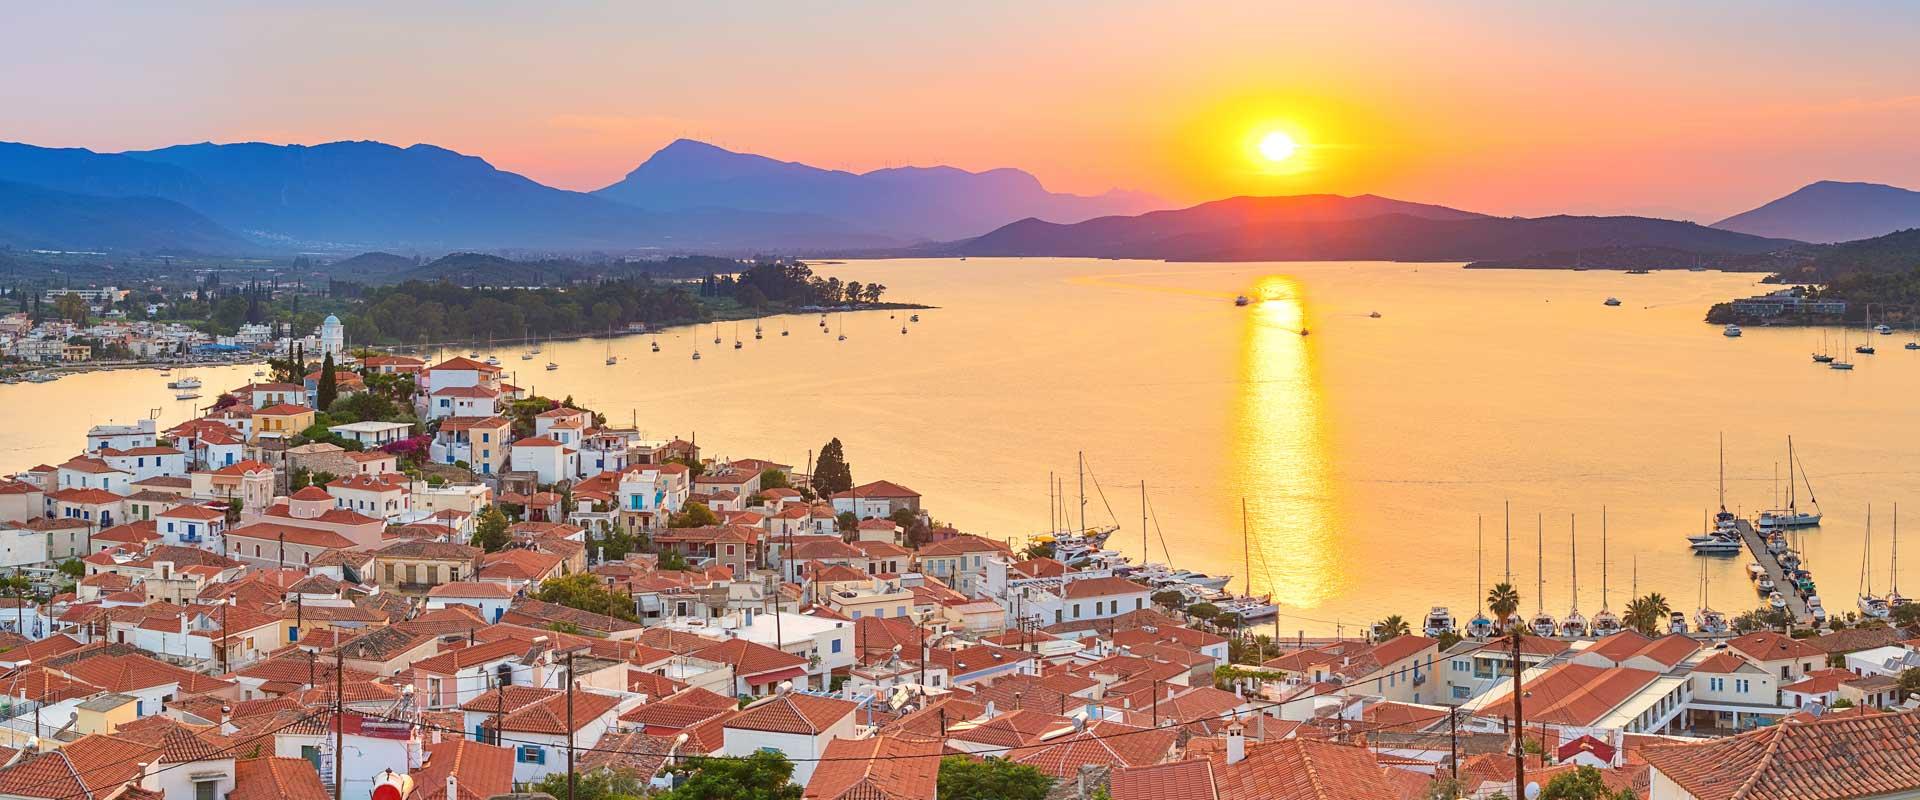 Athen og De Saroniske Øer